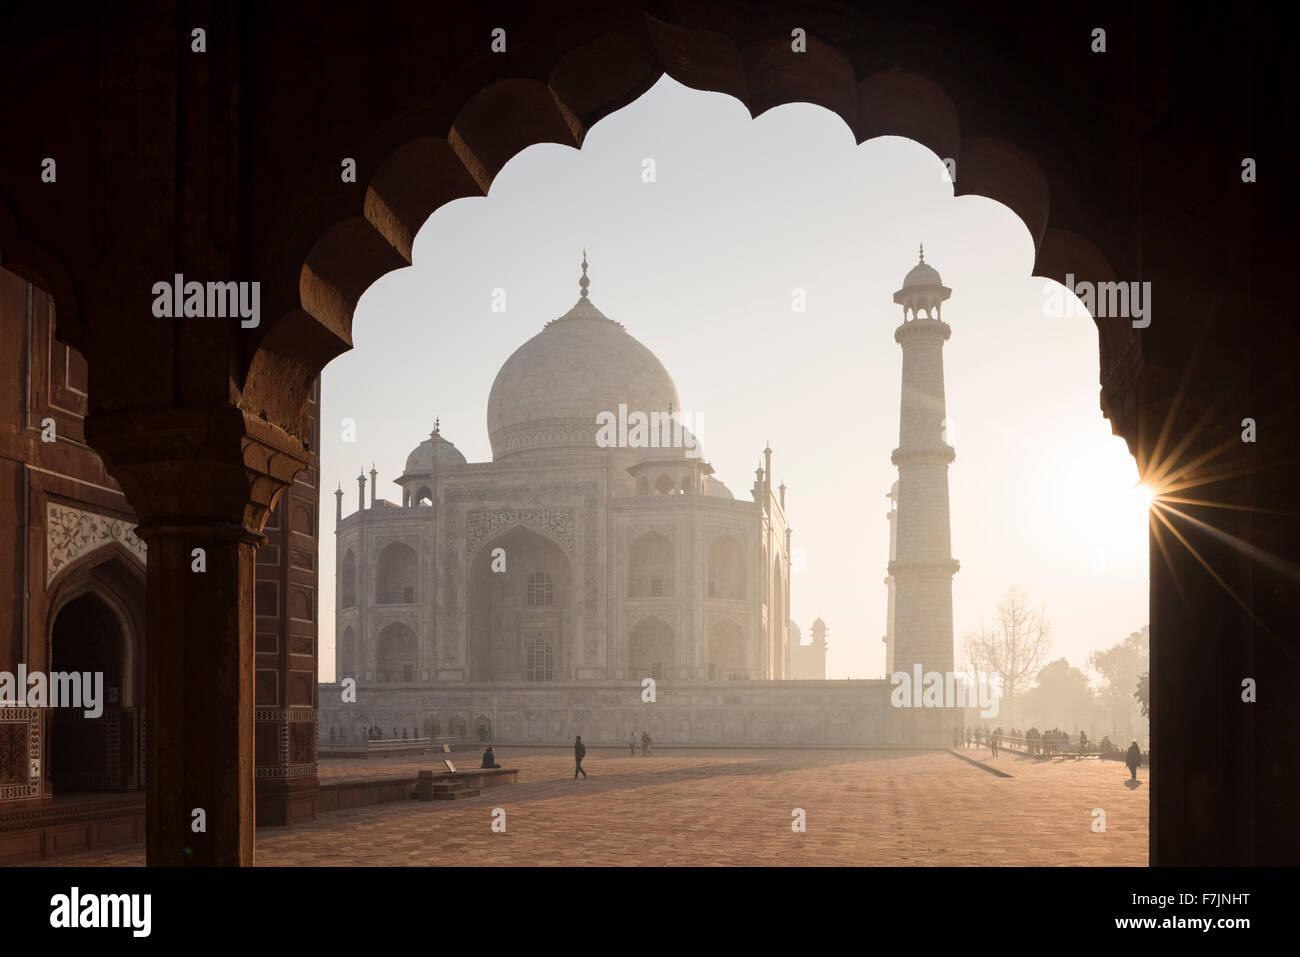 Amanecer en el Taj Mahal, Agra, Uttar Pradesh, India Imagen De Stock